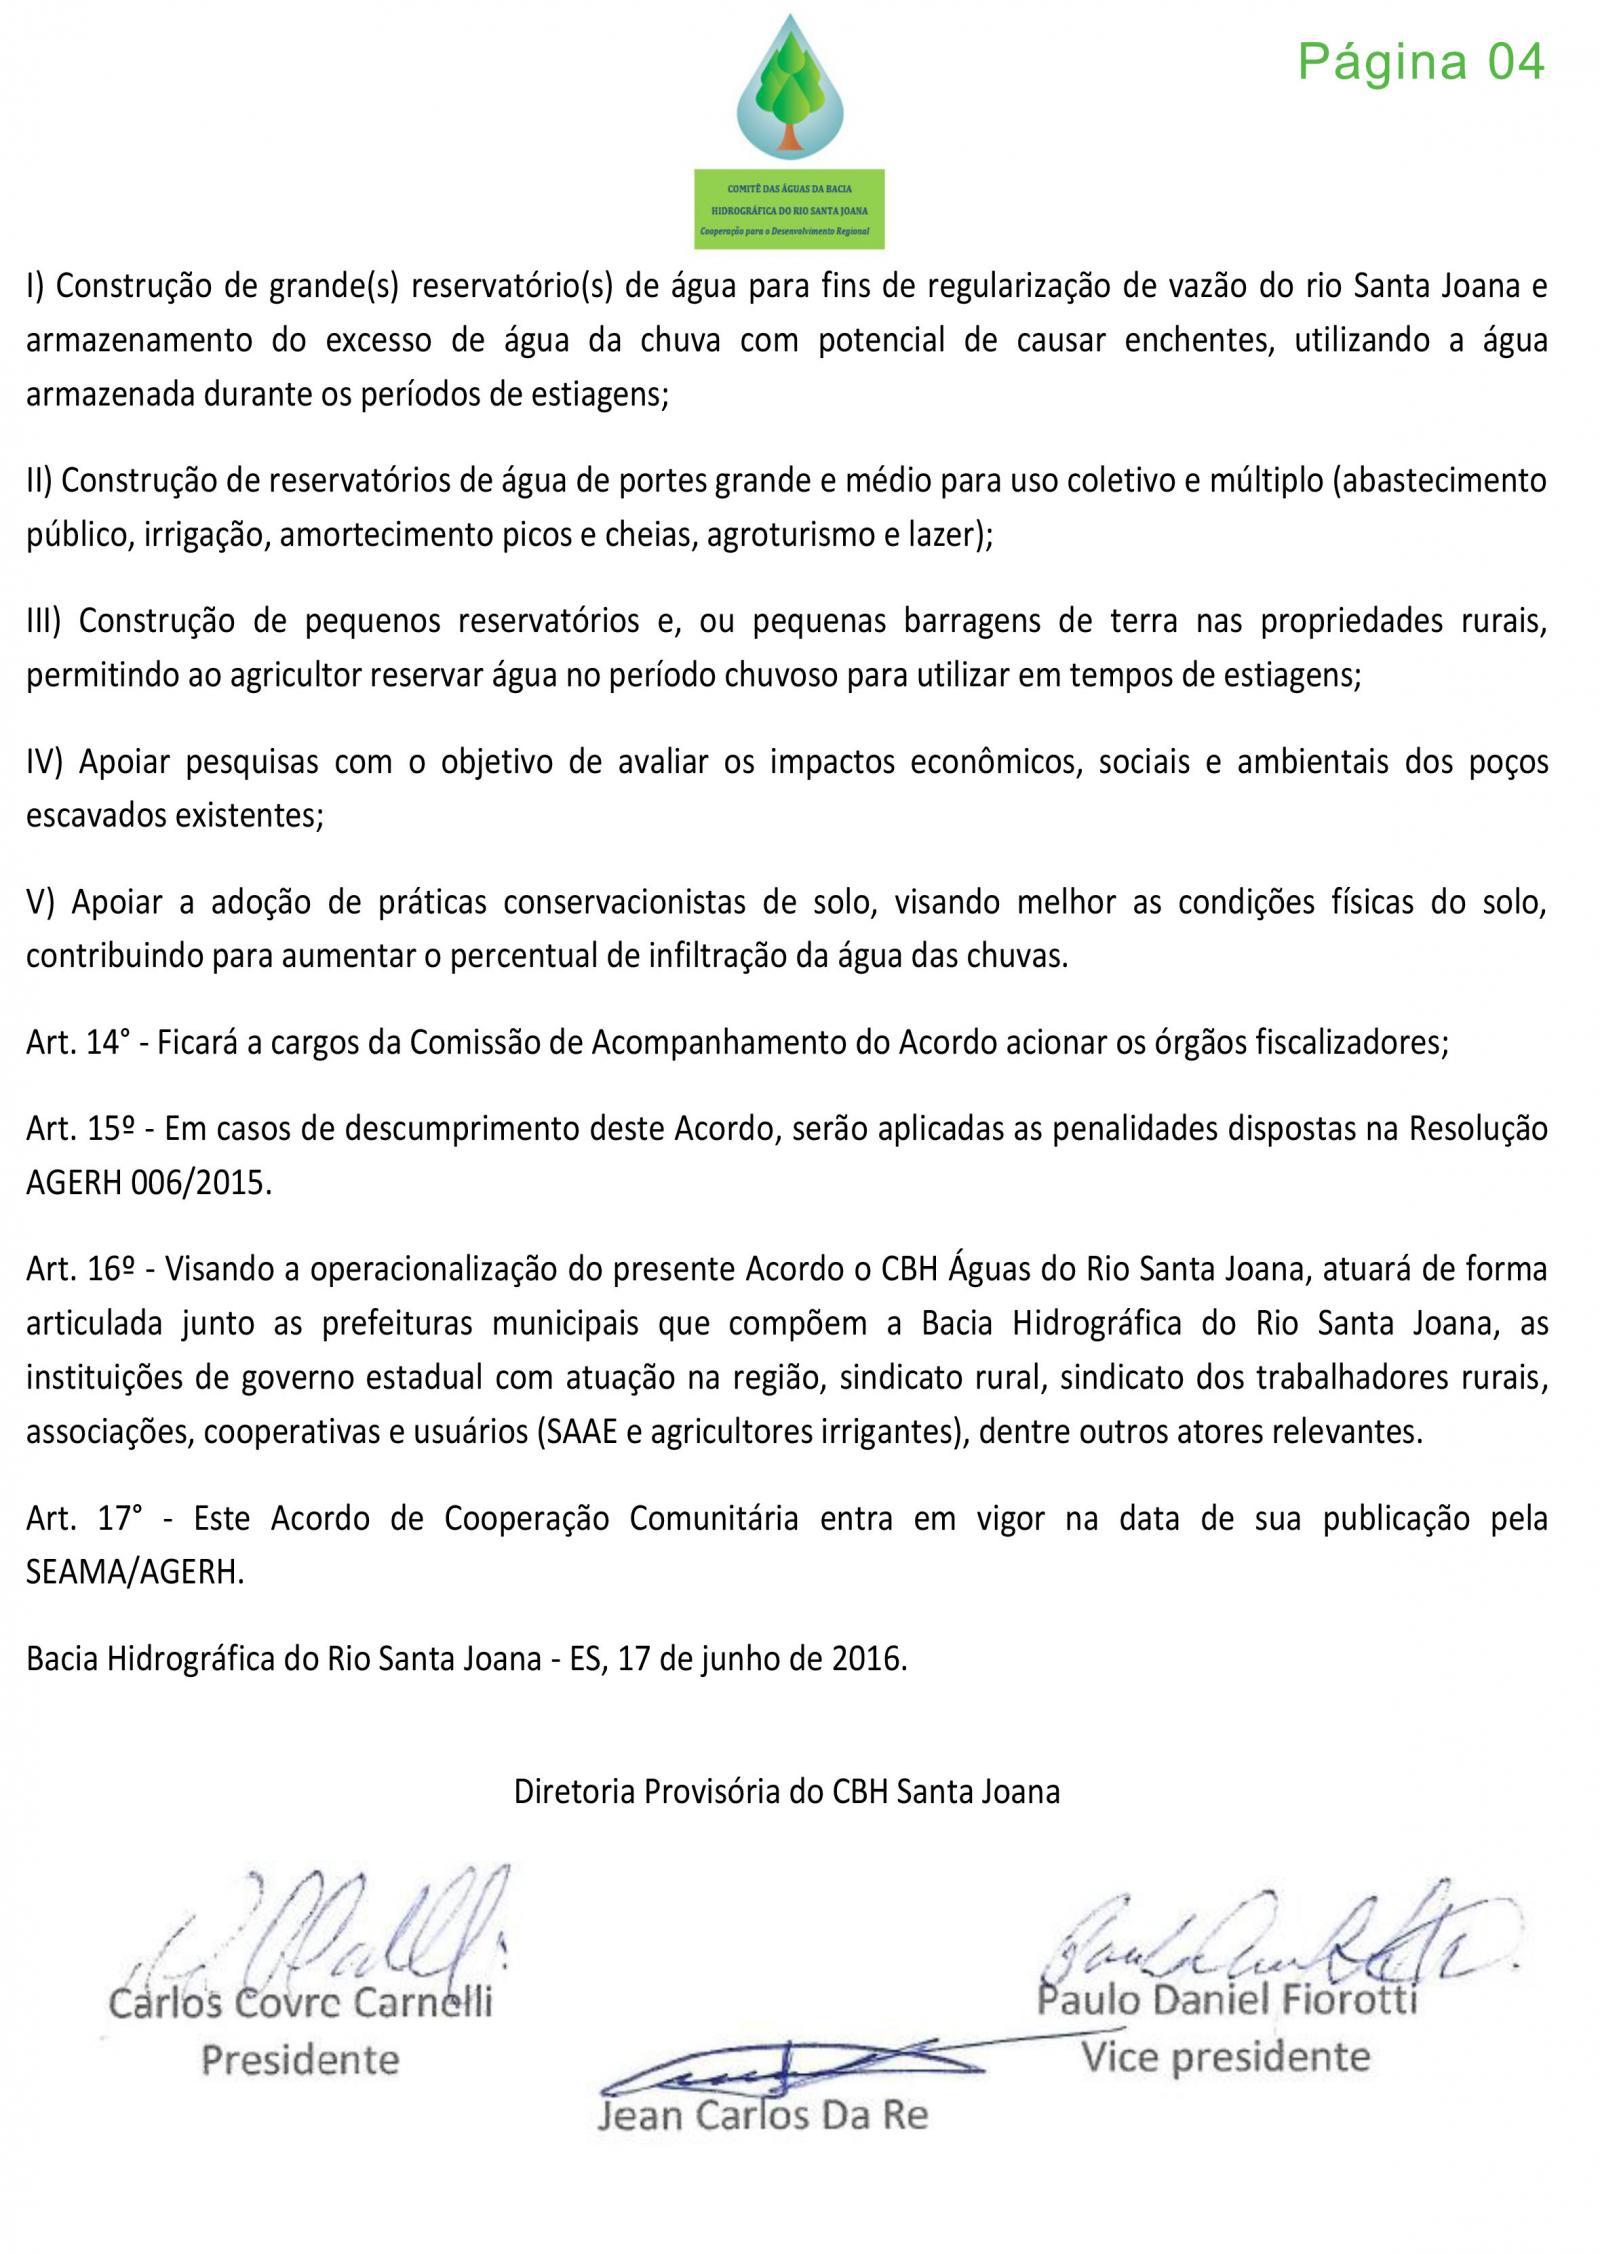 Reunião discutiu a crise hídrica na Bacia do Rio Santa Joana